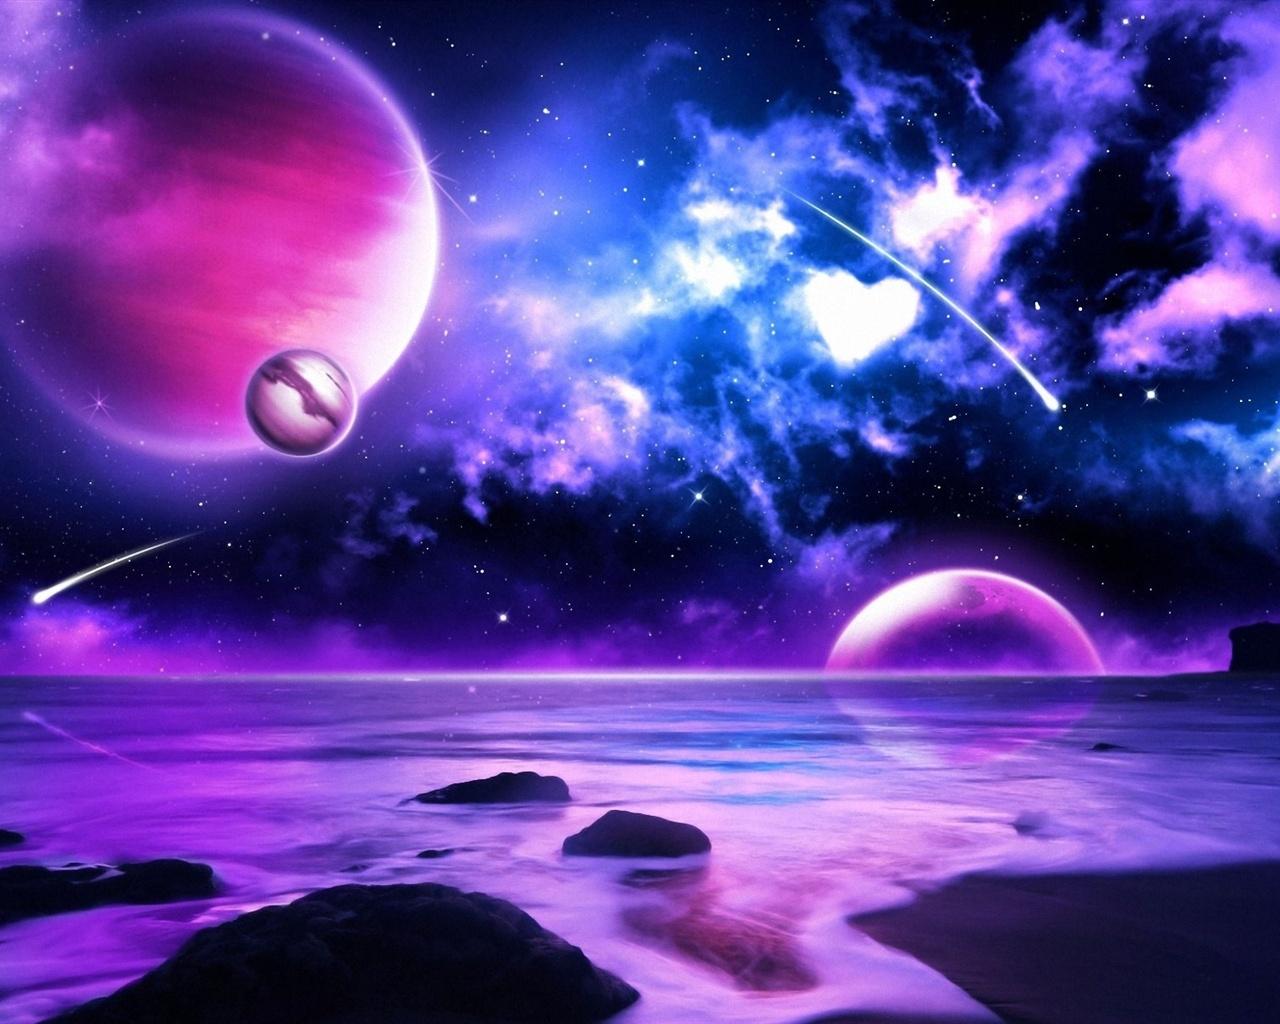 Wallpaper purple planet meteors in space 1920x1200 hd - Purple space wallpaper ...